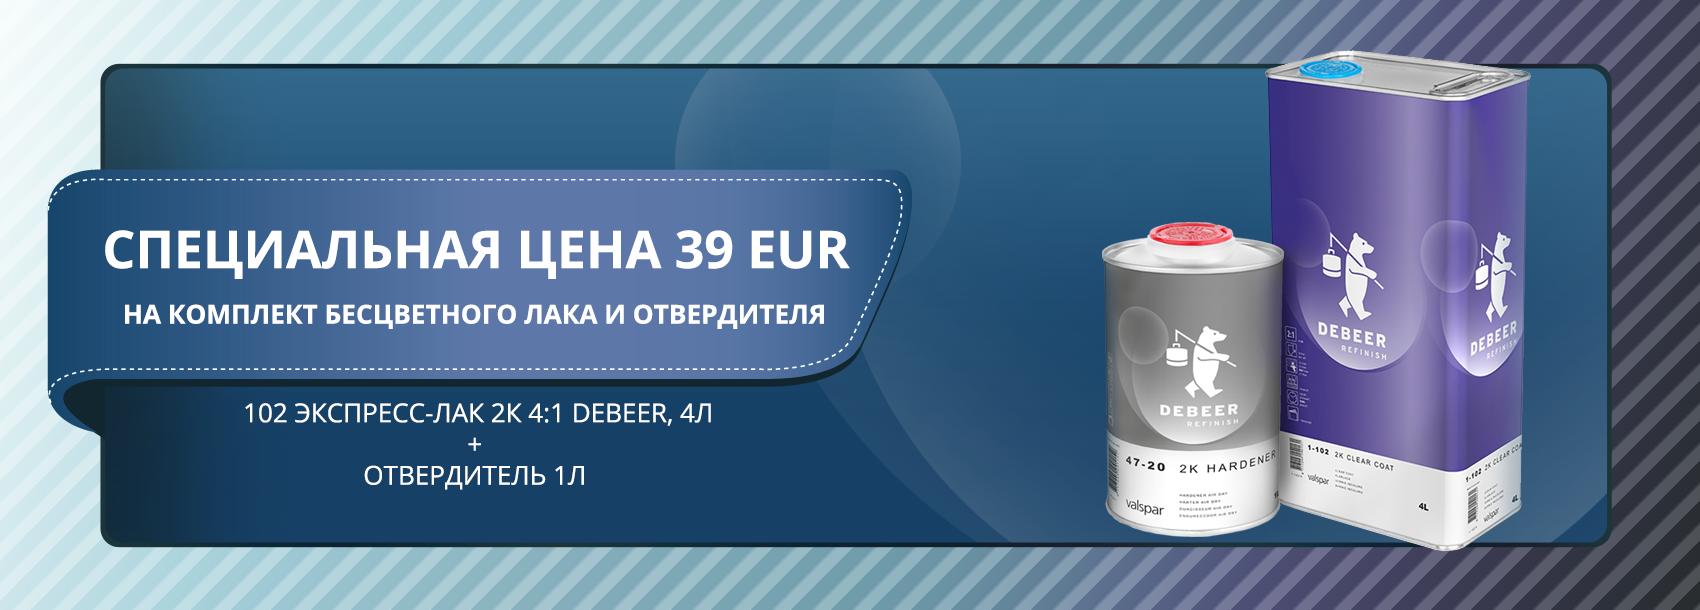 Специальная цена на комплект лака и отвердителя DeBeer